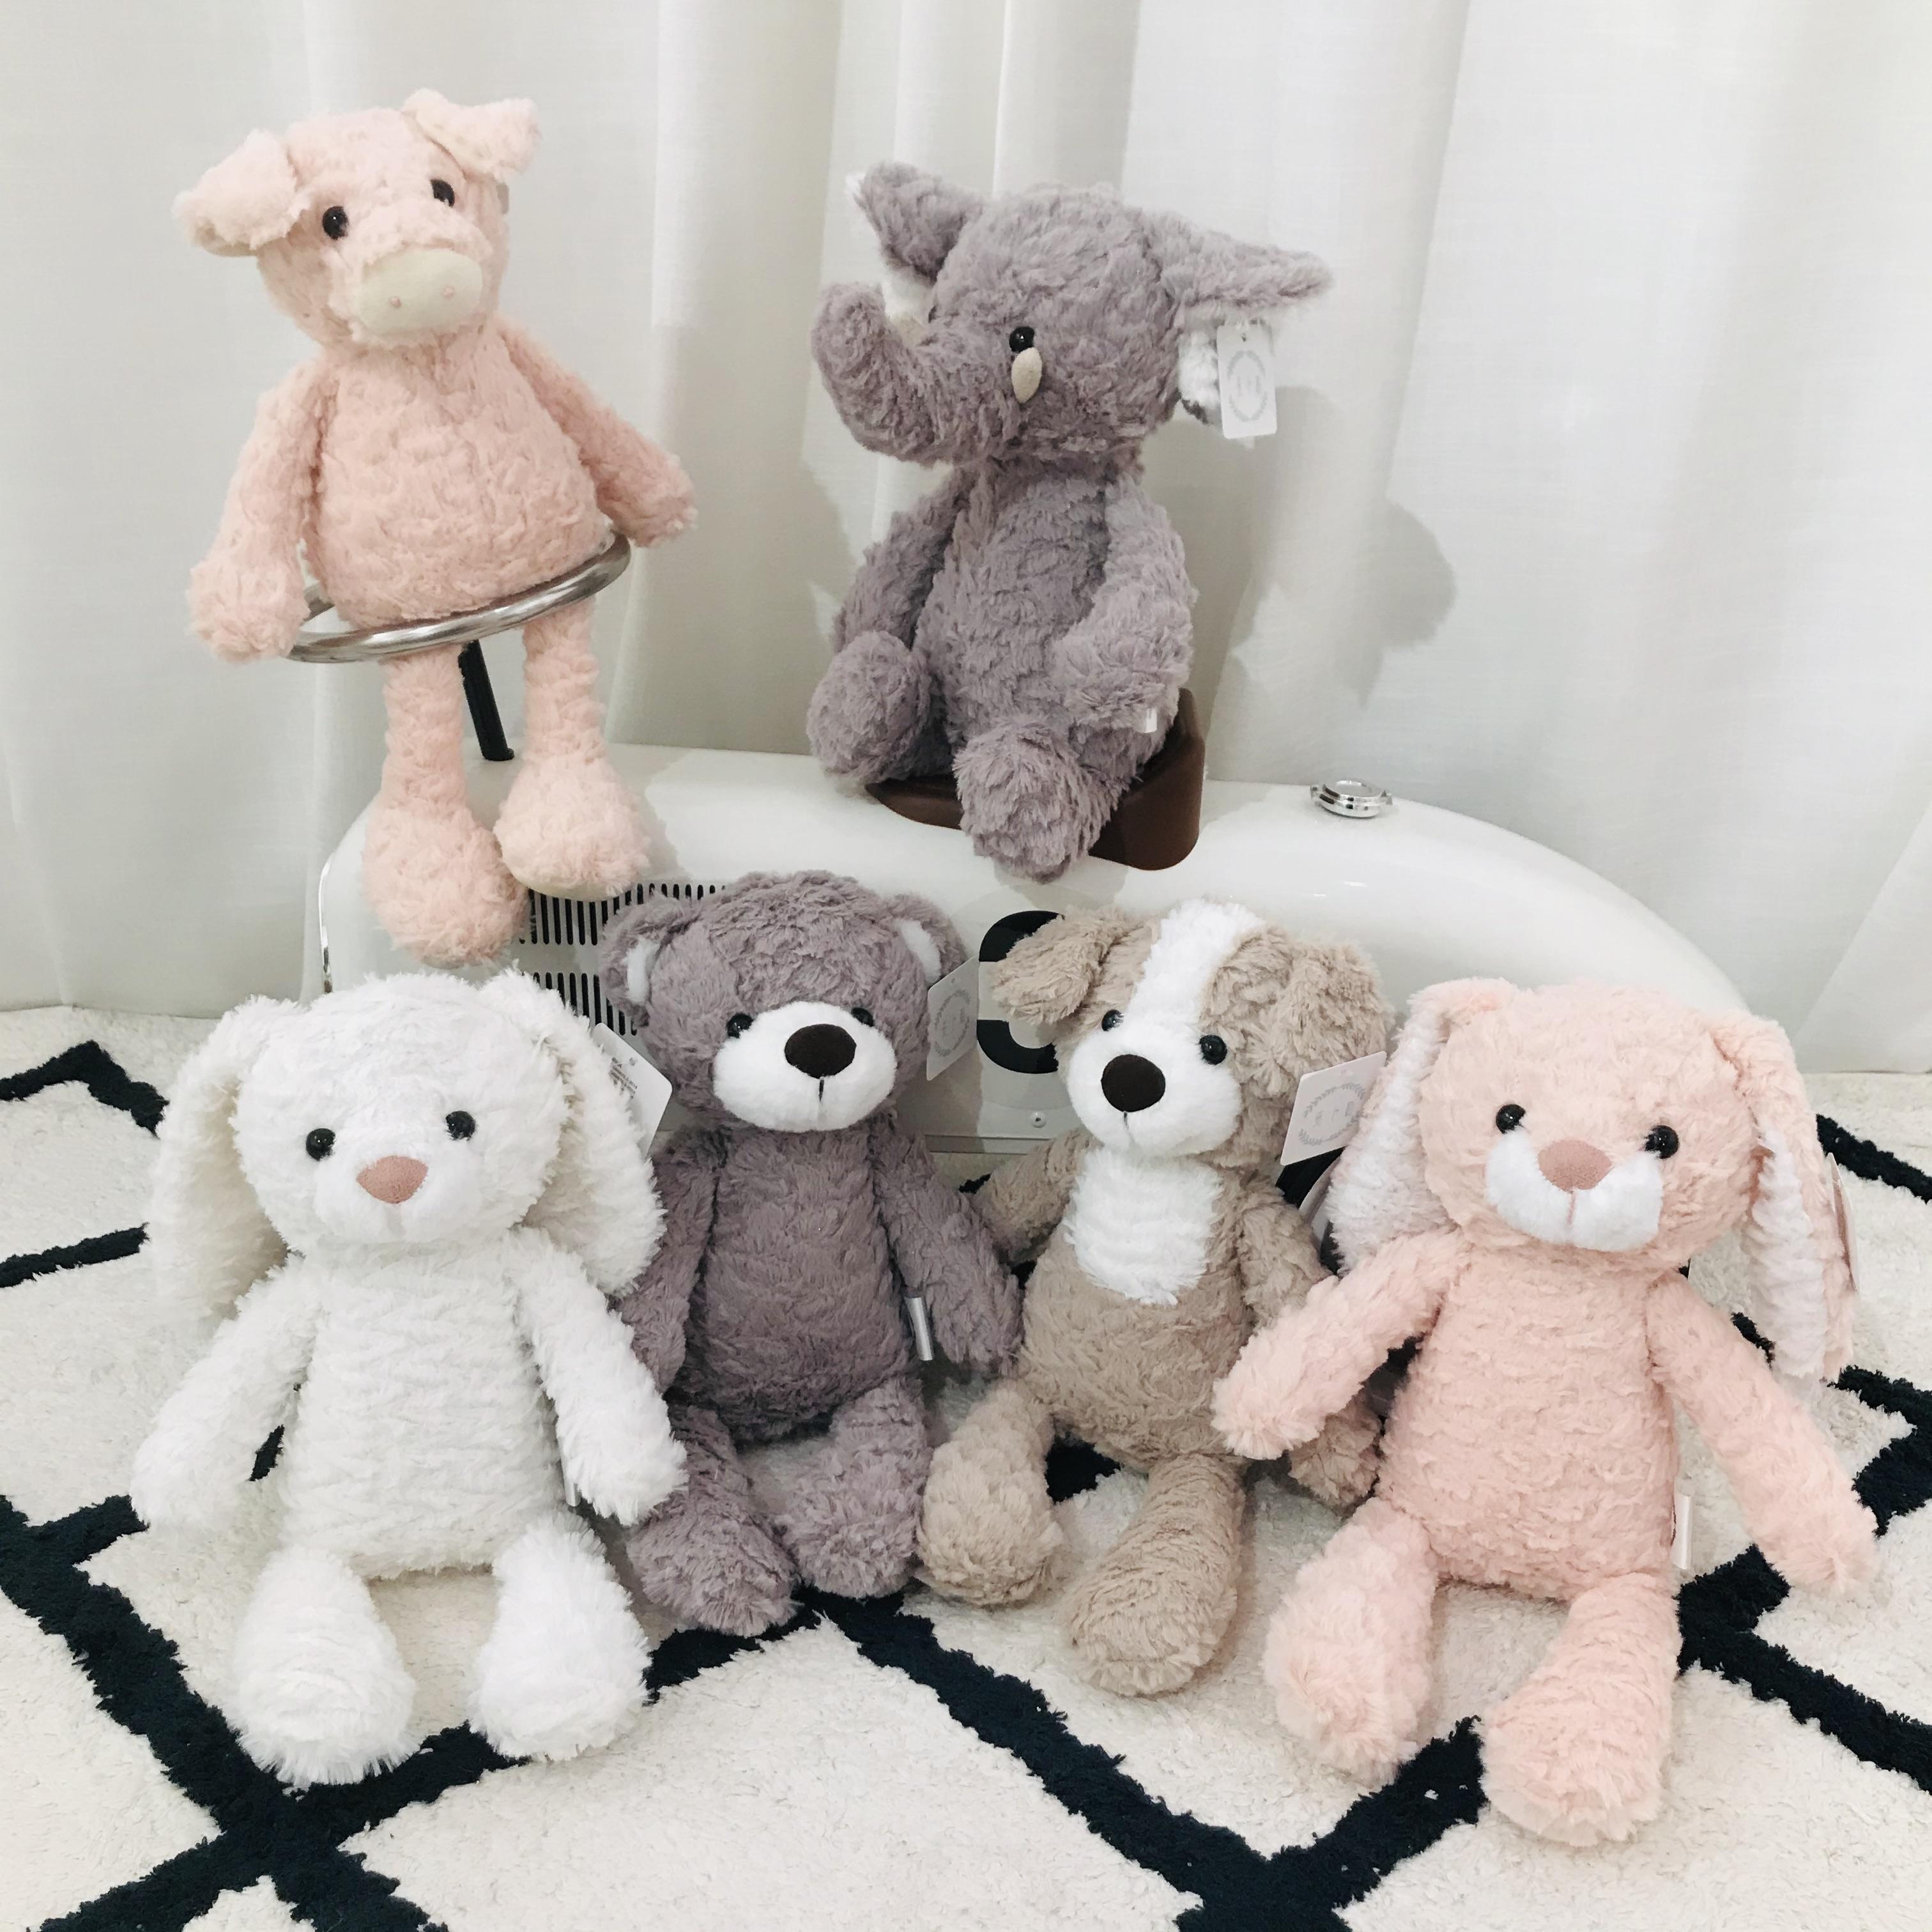 محشوة Bemenset لطيف دمية لعبة أطفال النوم راحة دمية أرنب أبيض الفيل دمية كلب أفخم الحيوان دمية فتاة هدية عيد ميلاد